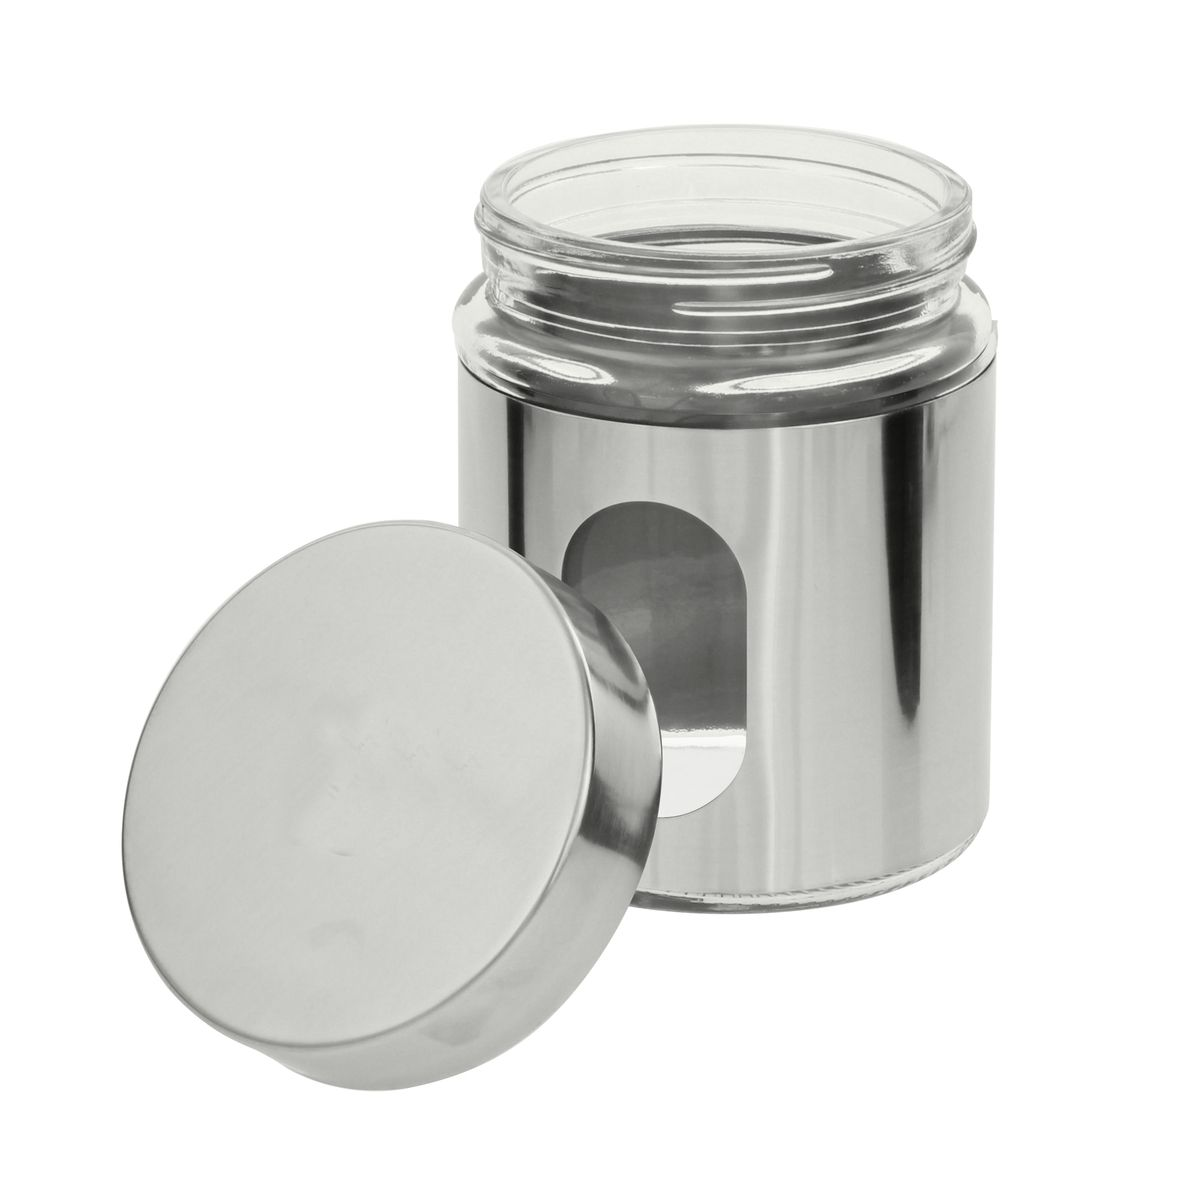 Pot hublot verre et chrome 500ml - Zeller